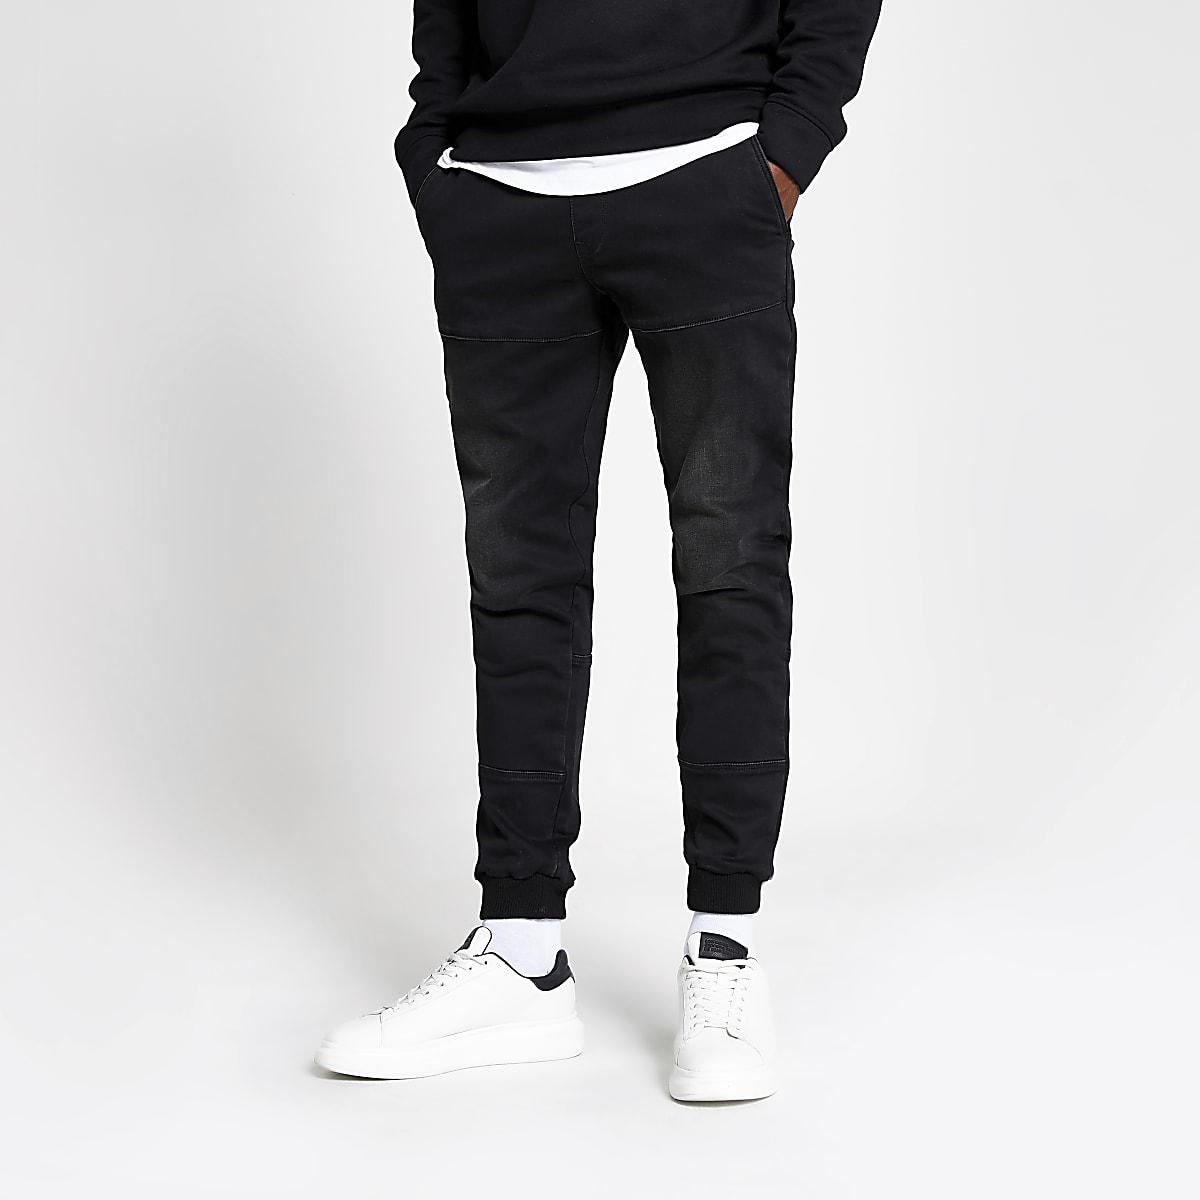 Black Ryan skinny jogger jeans